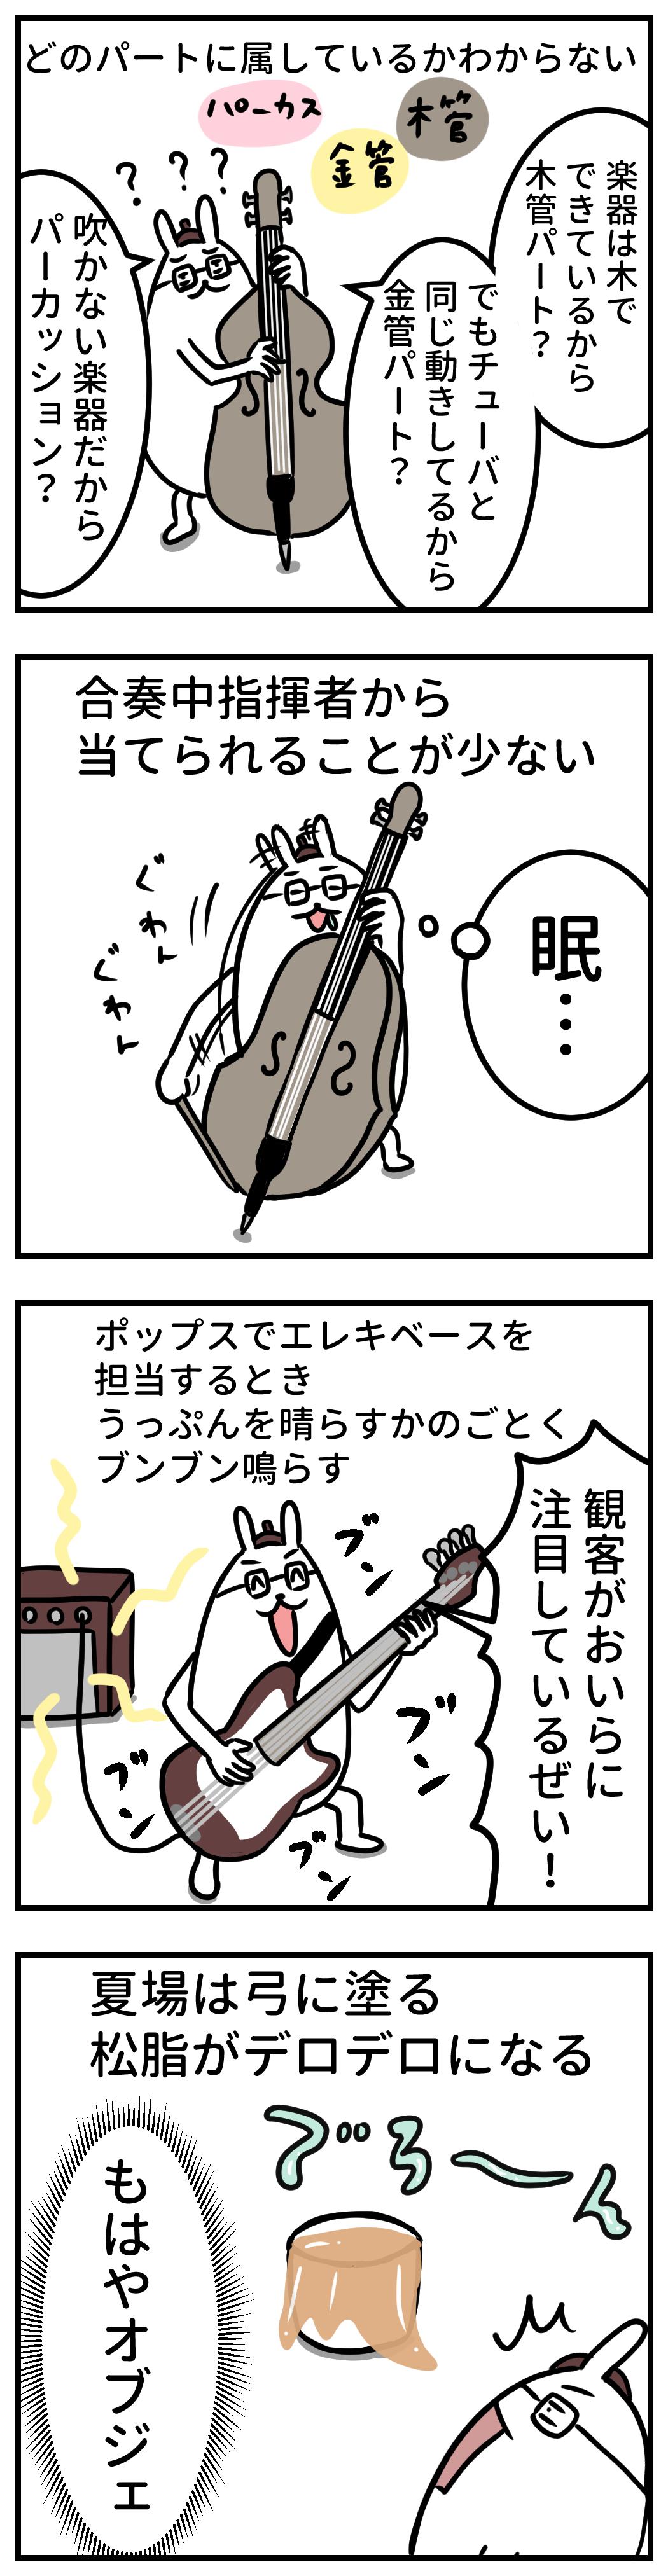 吹奏楽部あるある コントラバス